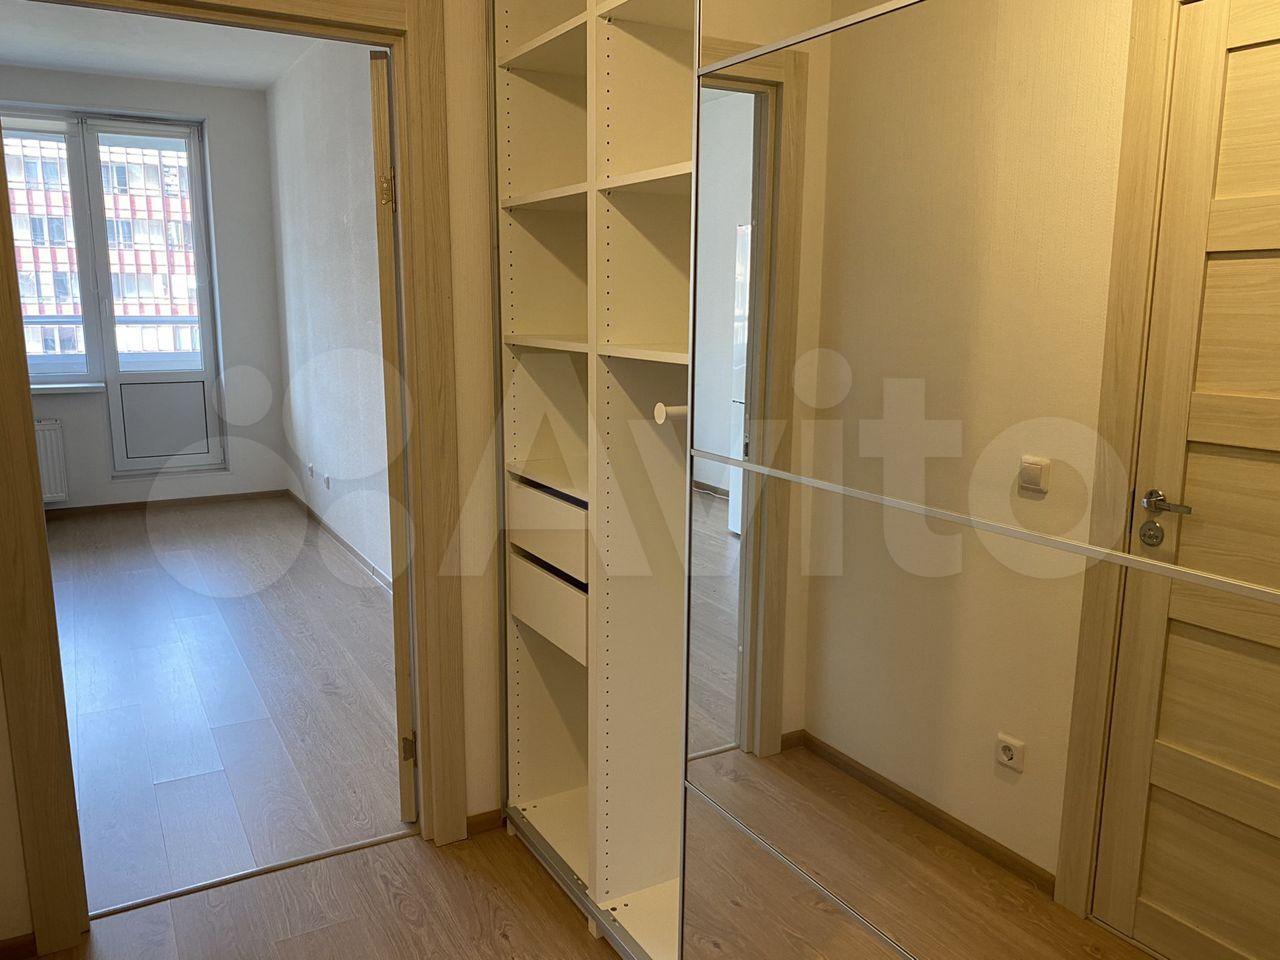 Квартира-студия, 26.6 м², 7/17 эт.  89219797096 купить 4